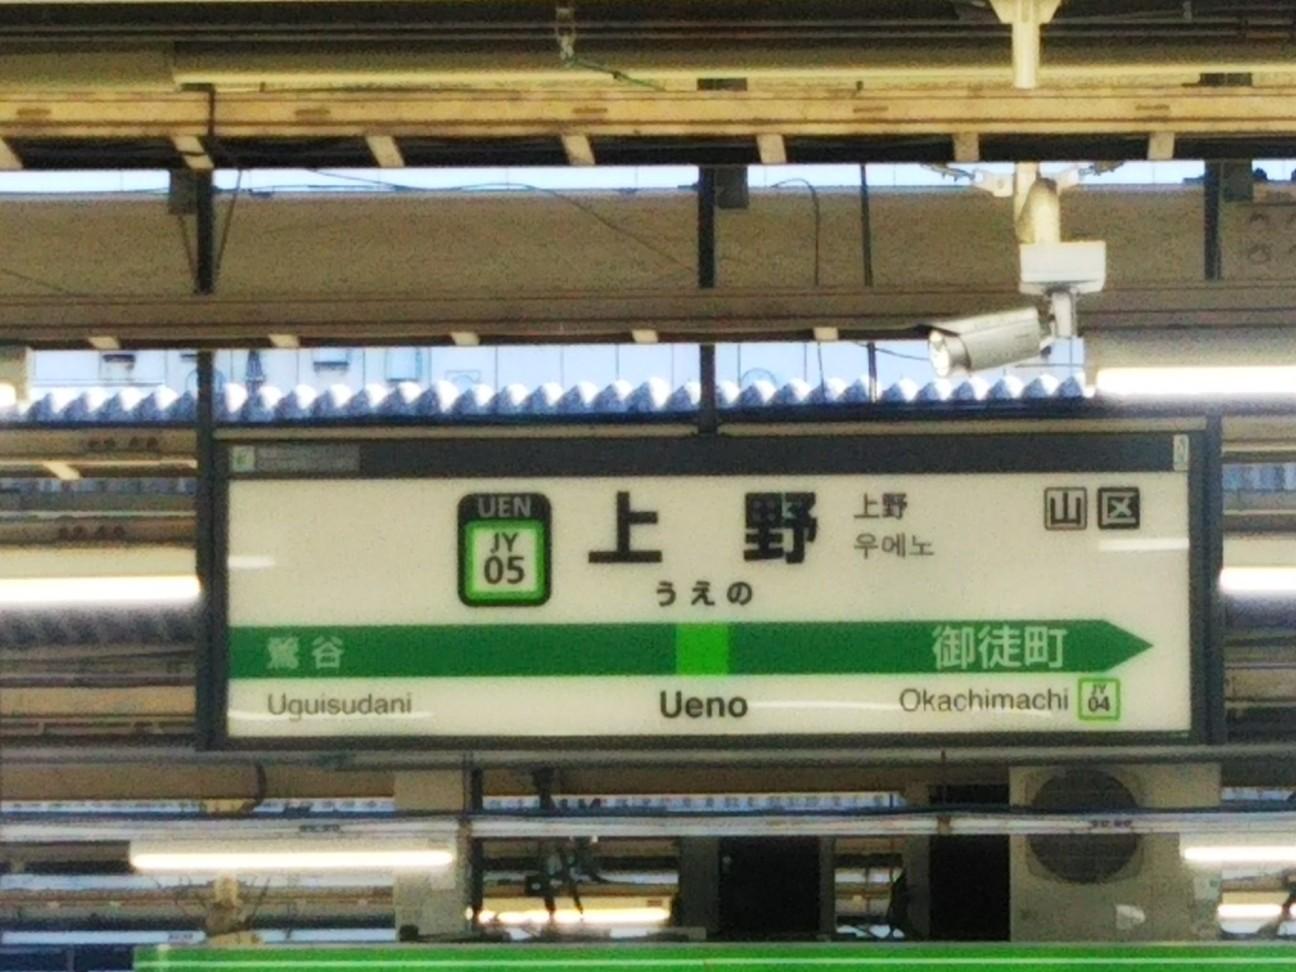 f:id:yujisyuji:20200109110515j:image